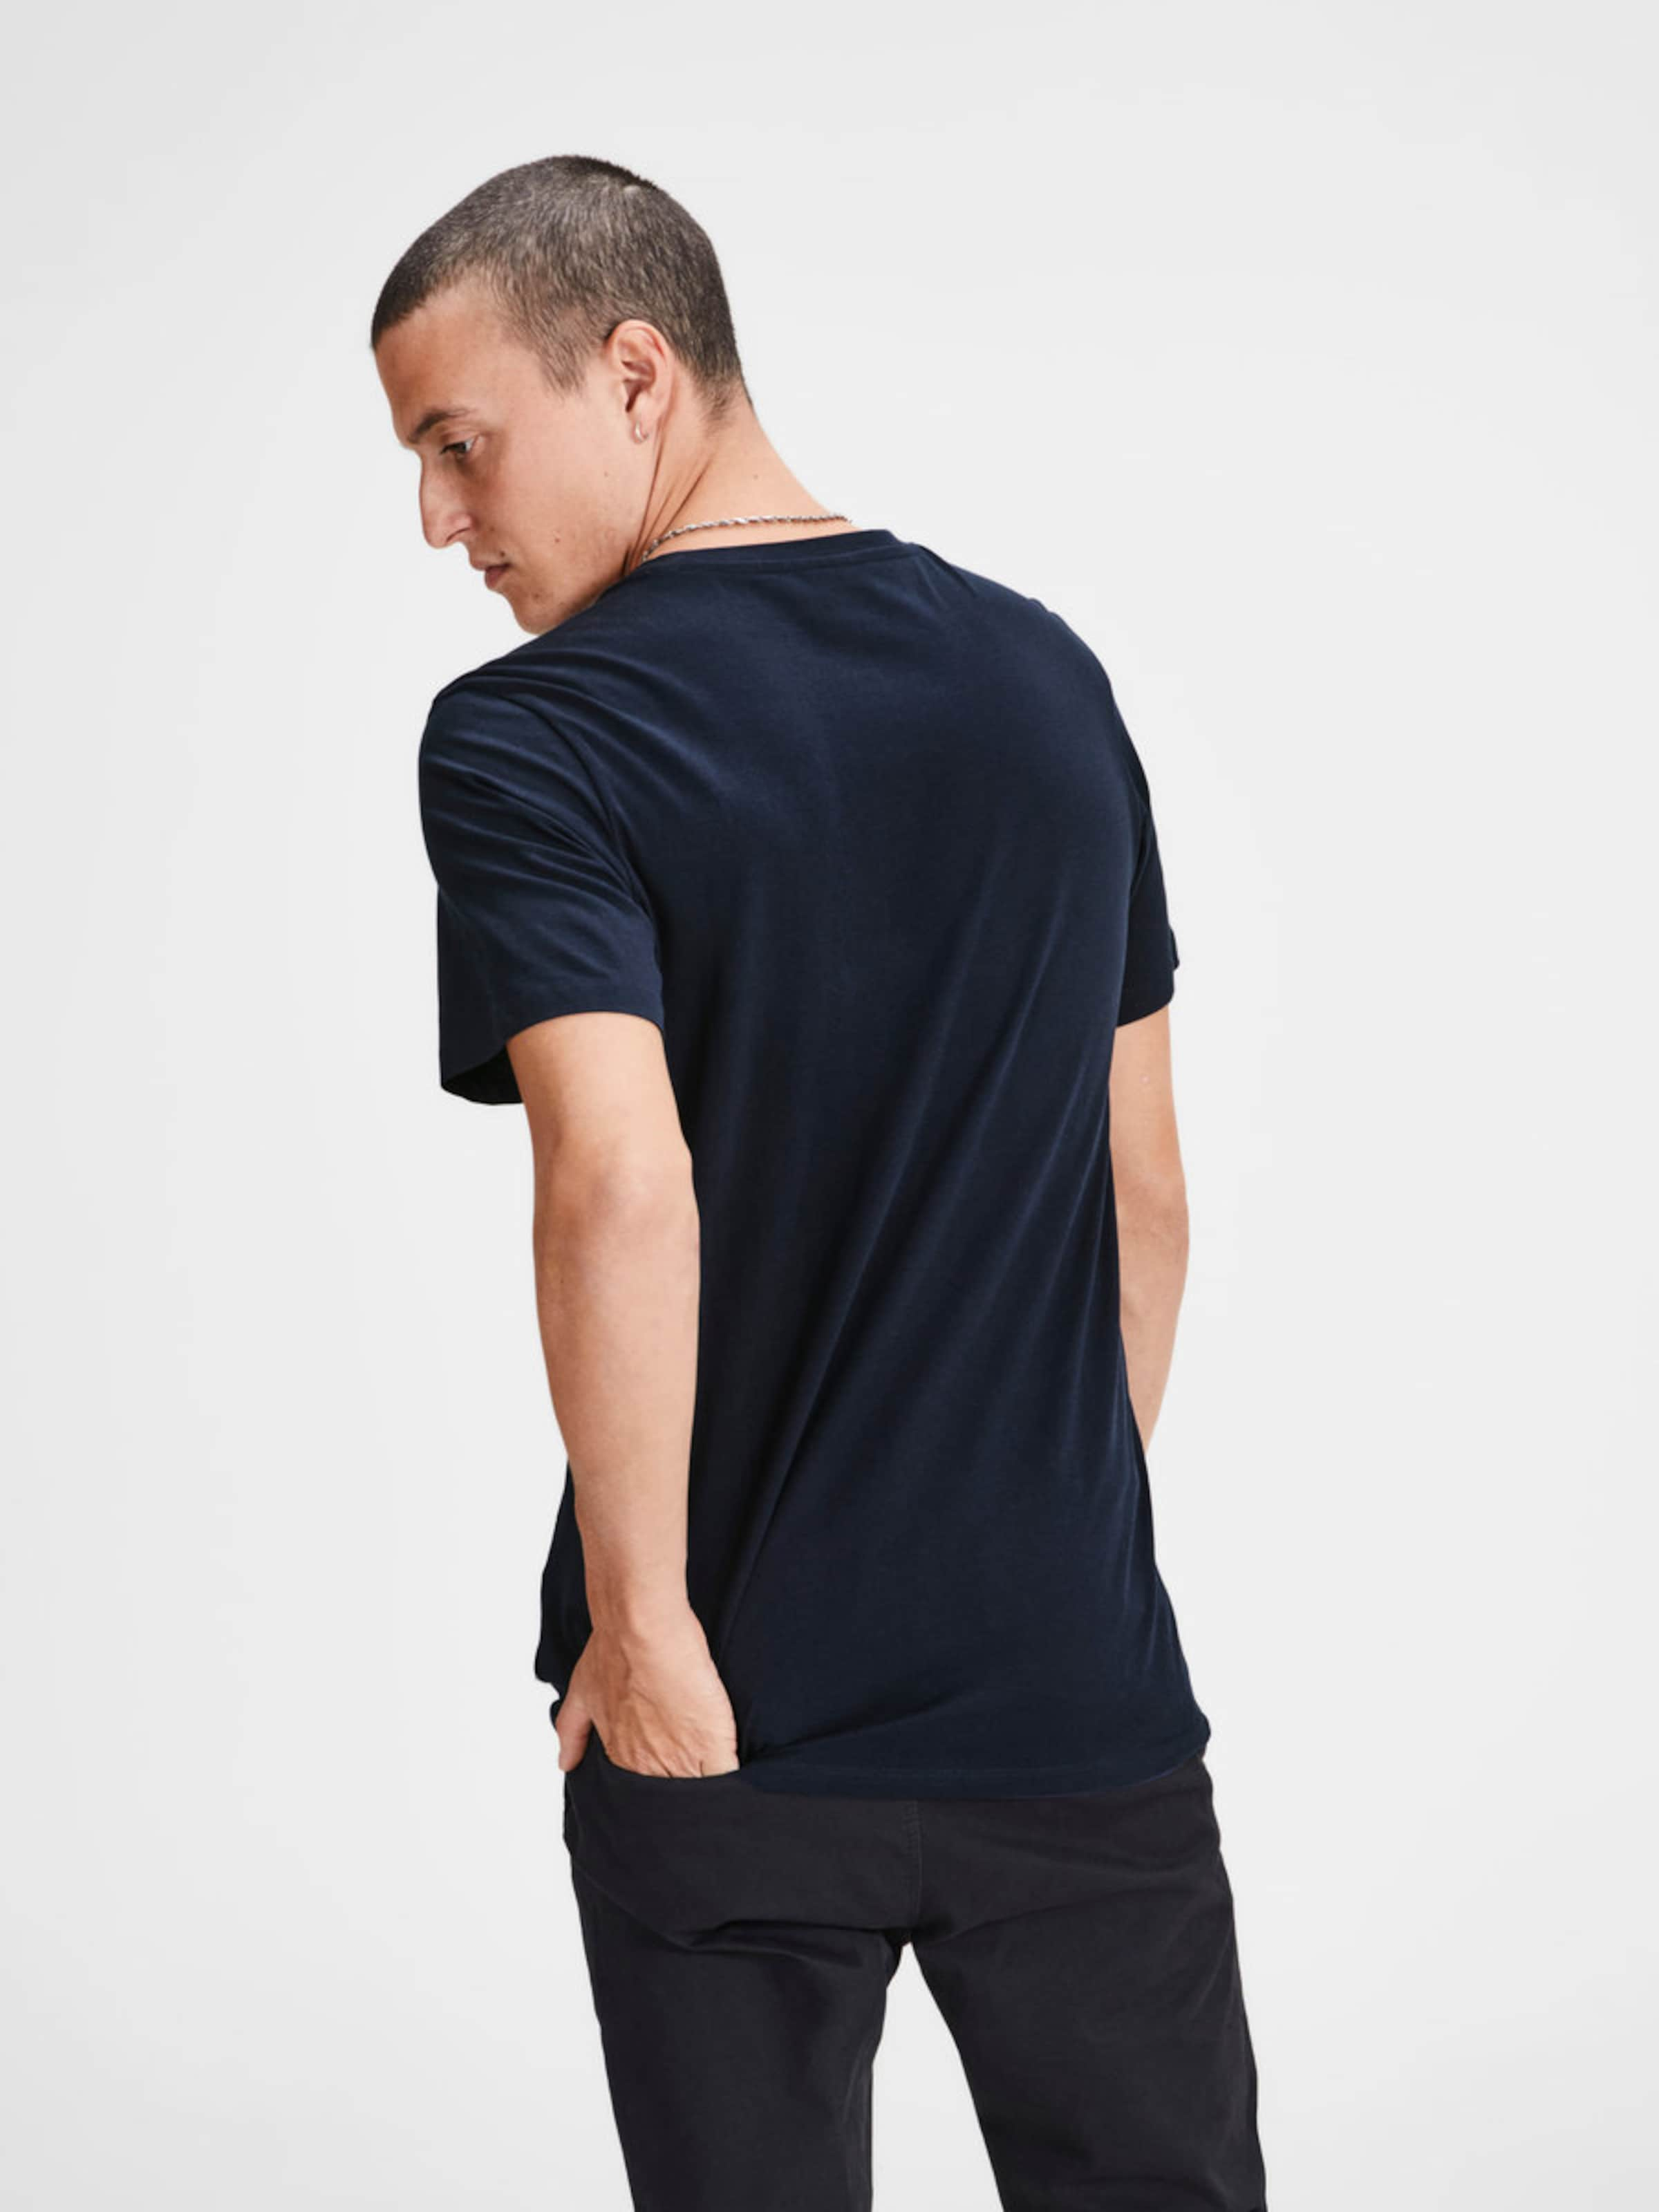 Factory-Outlet-Verkauf JACK & JONES Print T-Shirt Freie Verschiffen-Websites V40QD